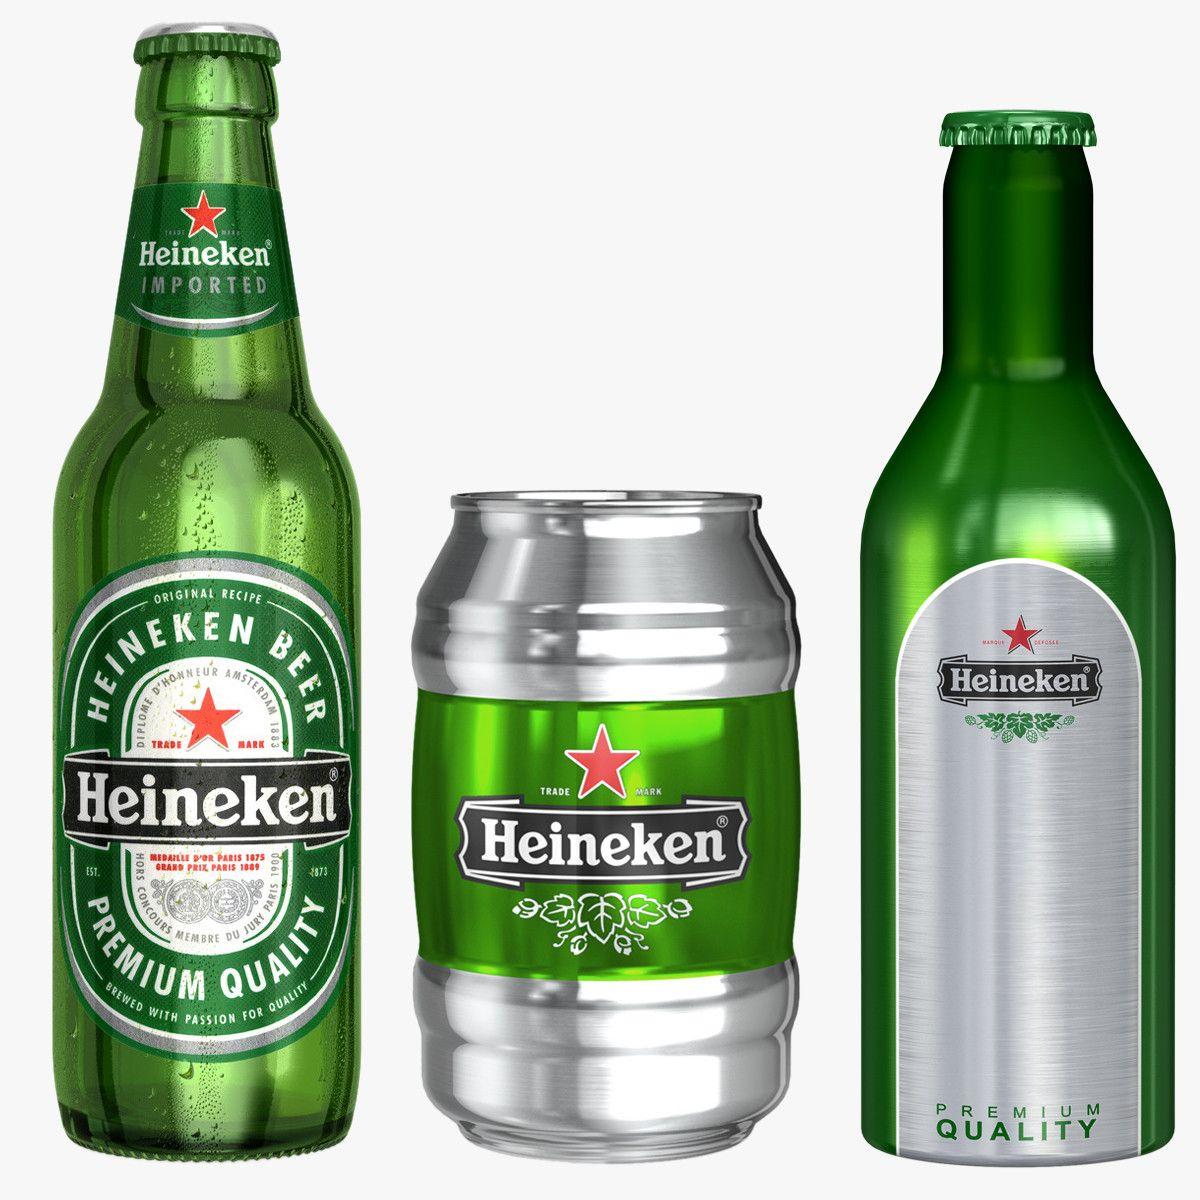 Http Www Turbosquid Com 3d Models C4d Heineken Bottle 800988 Heineken Bottle Heineken Bottle